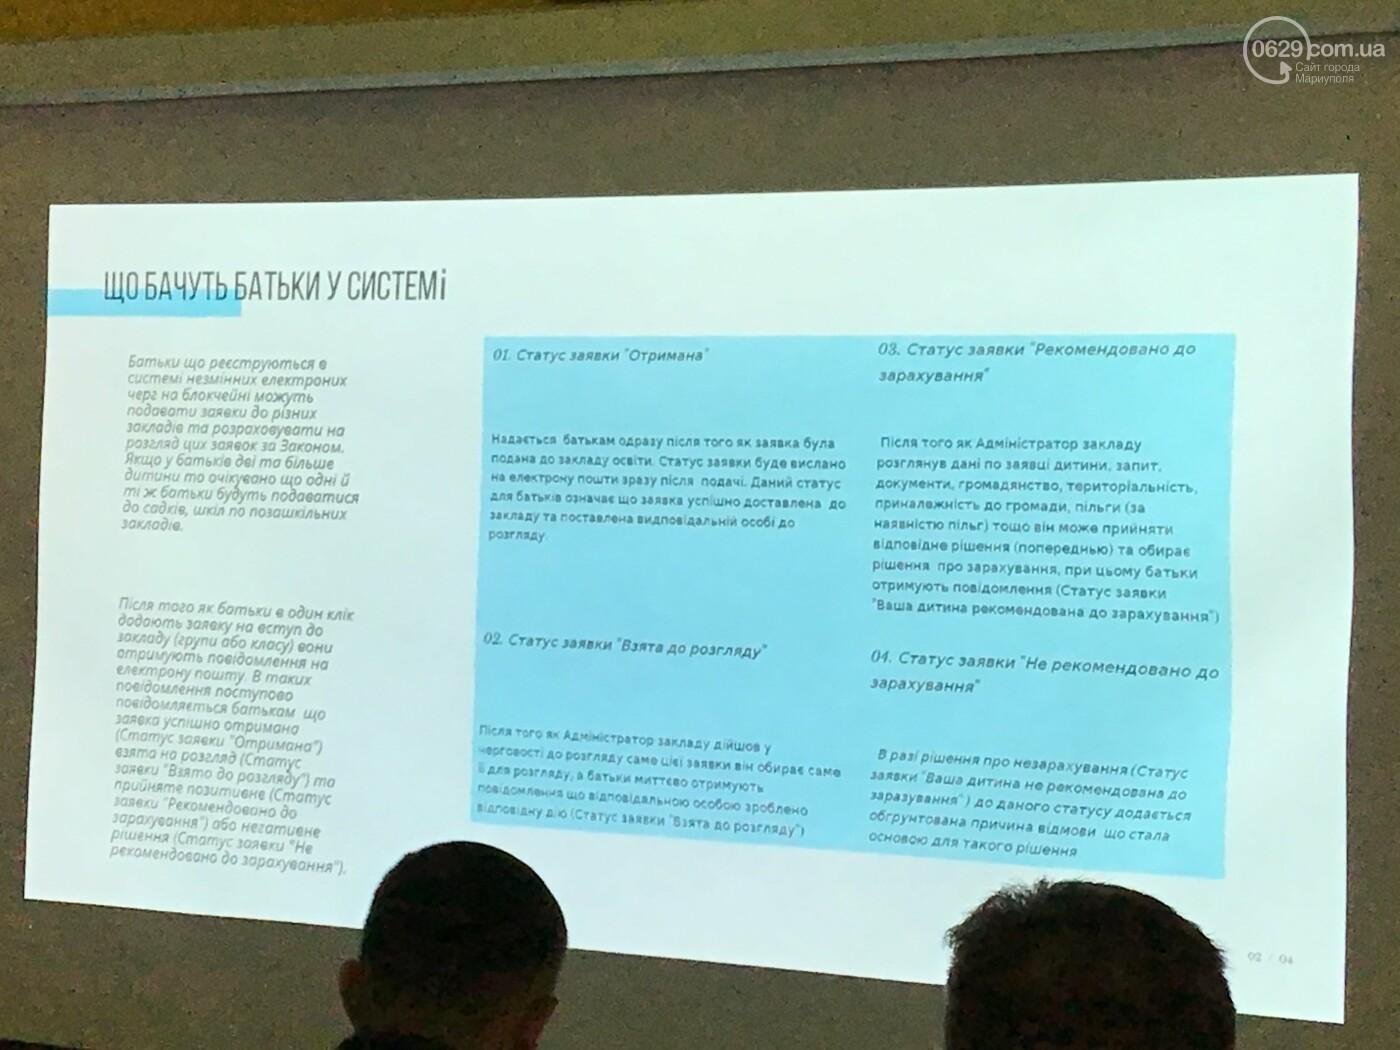 В Мариуполе рассказали, как зарегистрировать ребенка в детский сад и школу через Интернет, - ФОТО, фото-12